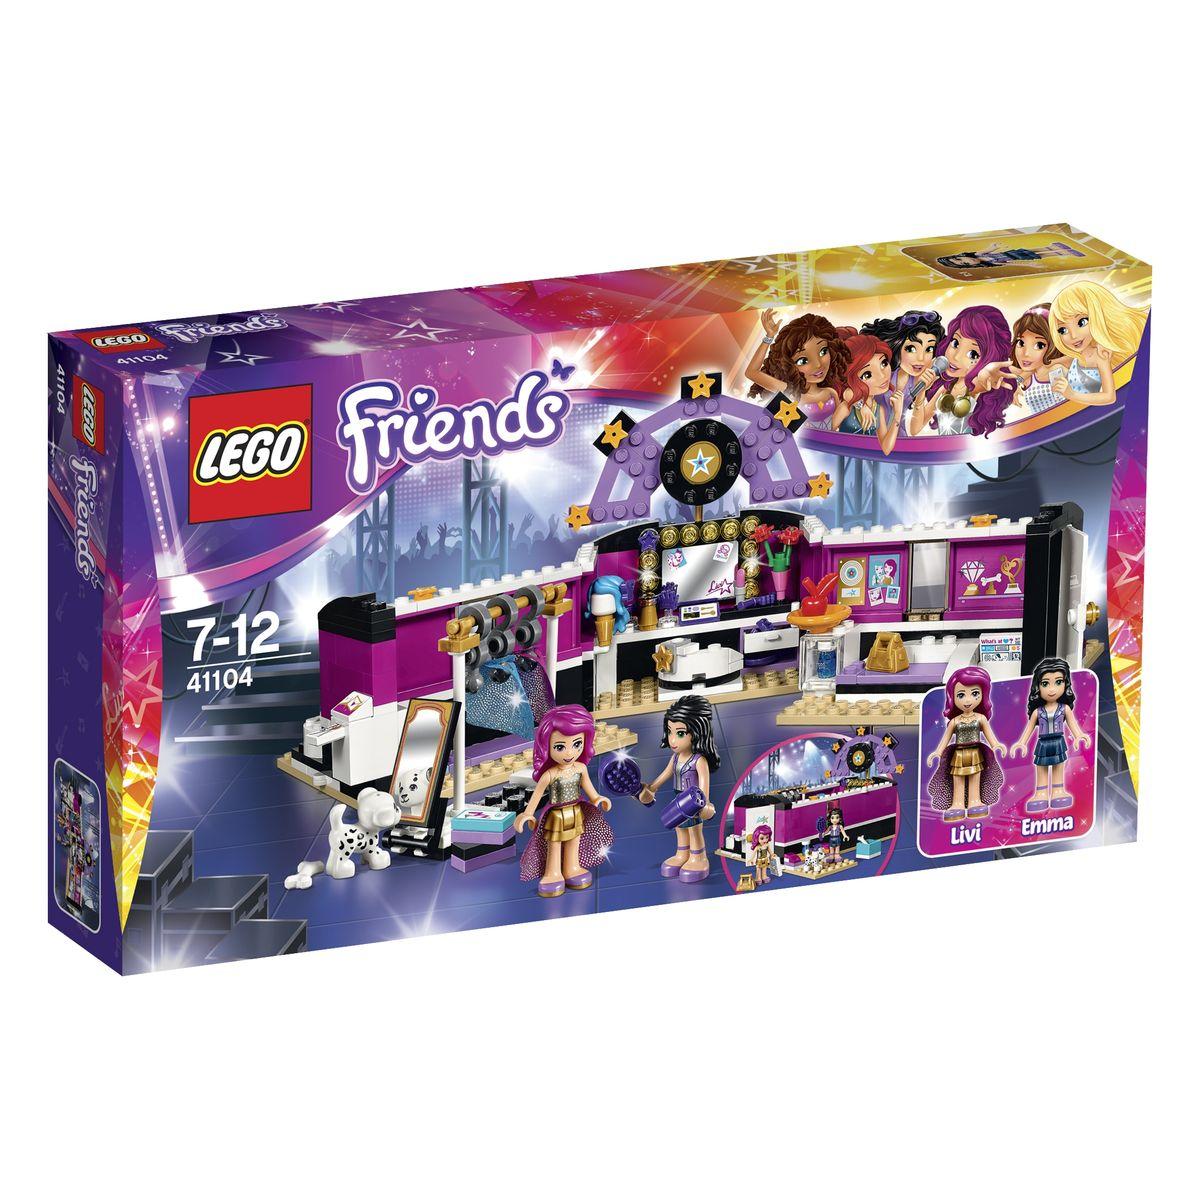 LEGO Friends Конструктор Поп звезда Гримерная 4110441104Гримерная комната из набора LEGO 41104 понравится каждой, даже самой требовательной певице. В ней есть всё необходимое для создания сценического образа и подготовки к выступлению. Комната представляет собой прямоугольное помещение с розово-черными стенами и огромной вывеской со звездами. Чтобы попасть внутрь, можно воспользоваться белой входной дверью, а для более реалистичной игры - использовать функцию трансформации, превращающую гримерную в просторный зал. Центральное место в интерьере отведено будуару с вытянутой столешницей, на которой видна ваза с цветами, косметическая палитра, духи, помада, фен, расческа, подставка для парика и множество аксессуаров для волос. Благодаря вращающемуся креслу и большому зеркалу с подсветкой поп-звезда может детально рассмотреть свой макияж и прическу. Слева от будуара устроена гардеробная зона. В ней есть штанга для вешалок со сценическими костюмами, коробки с туфлями, а также ростовое зеркало, позволяющее рассмотреть наряд со всех сторон....